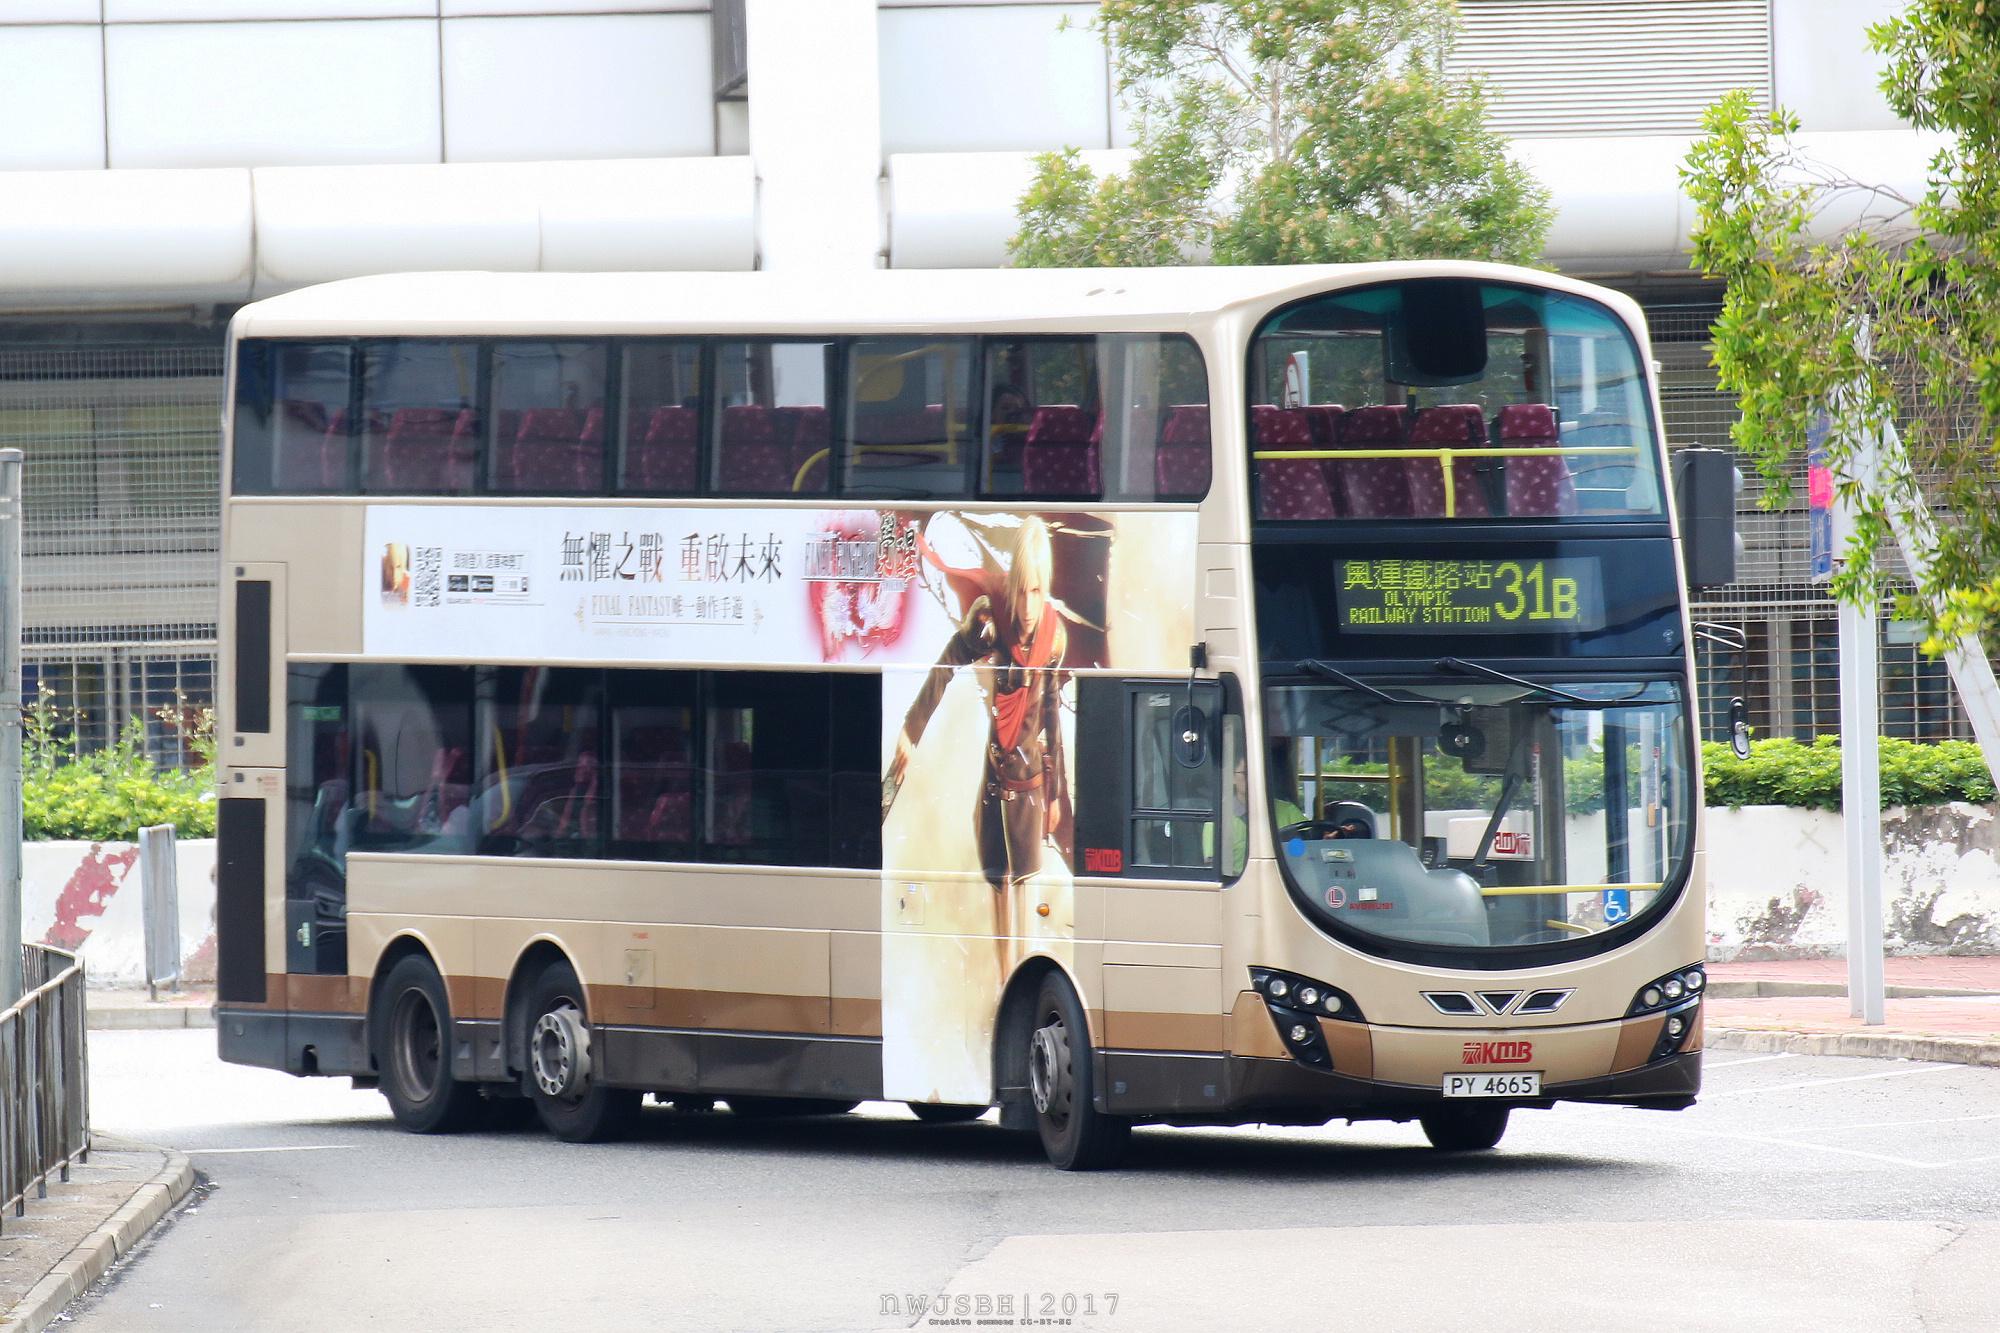 九巴31B線